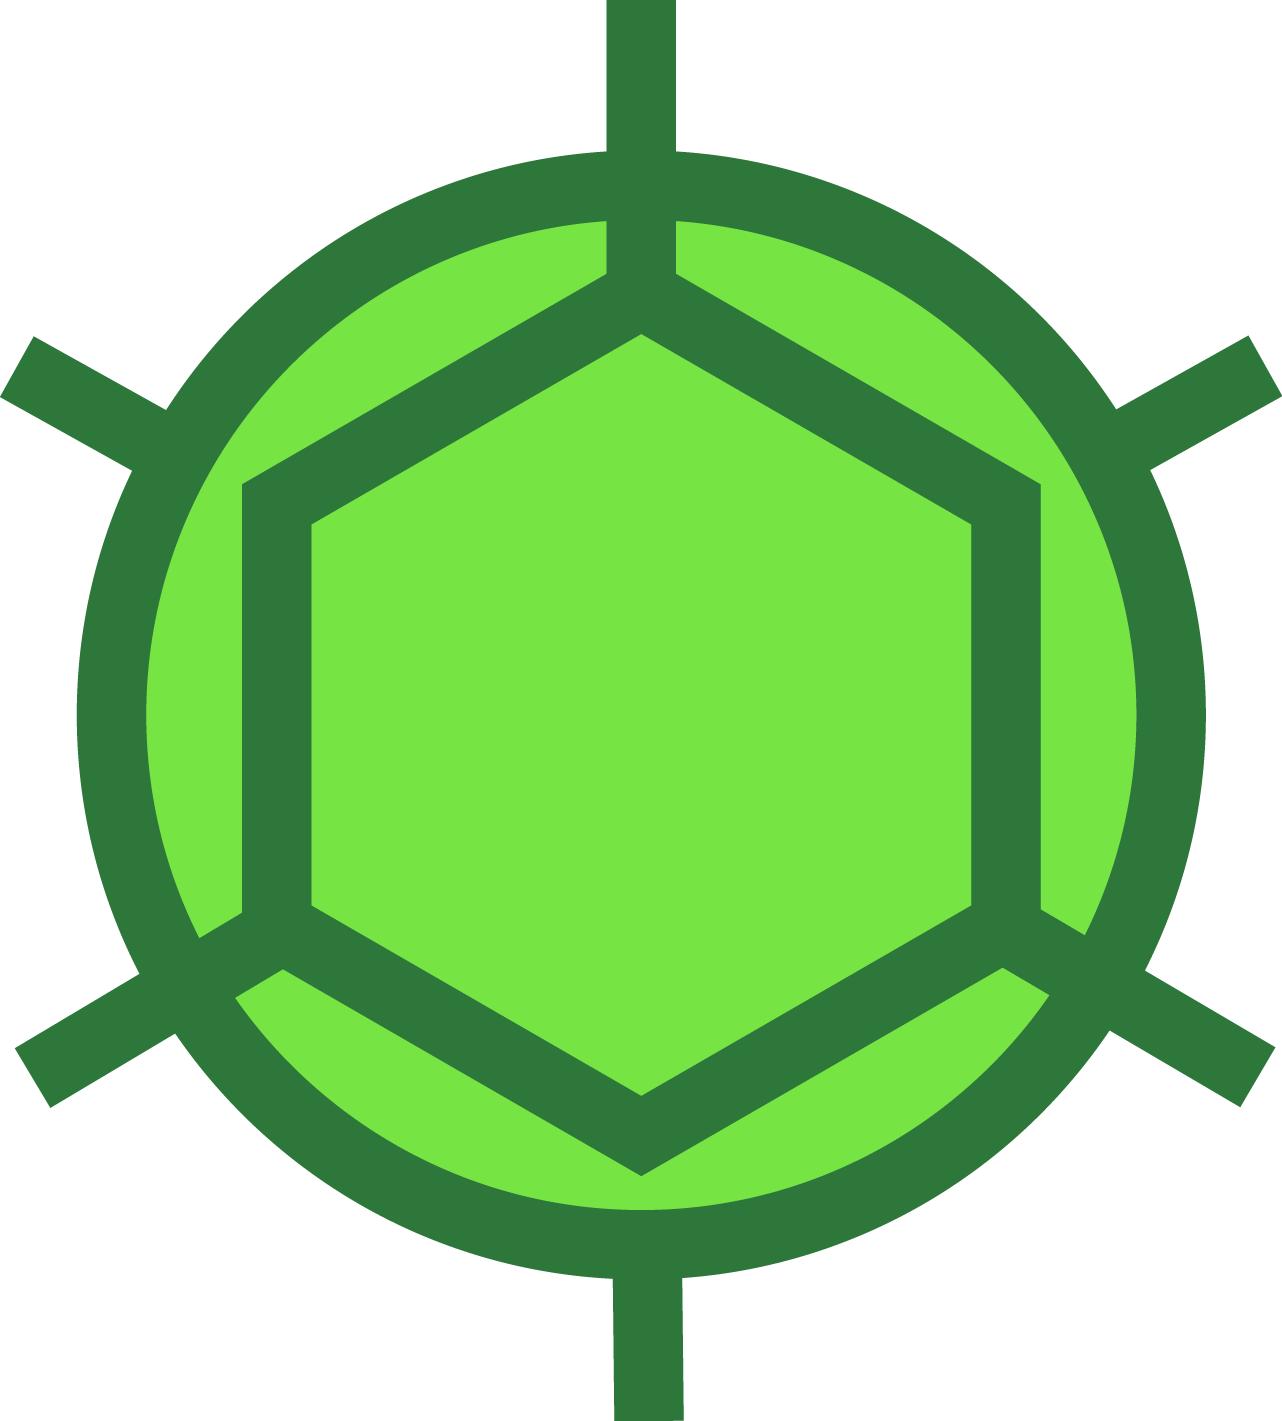 Addgene Green Virus Icon